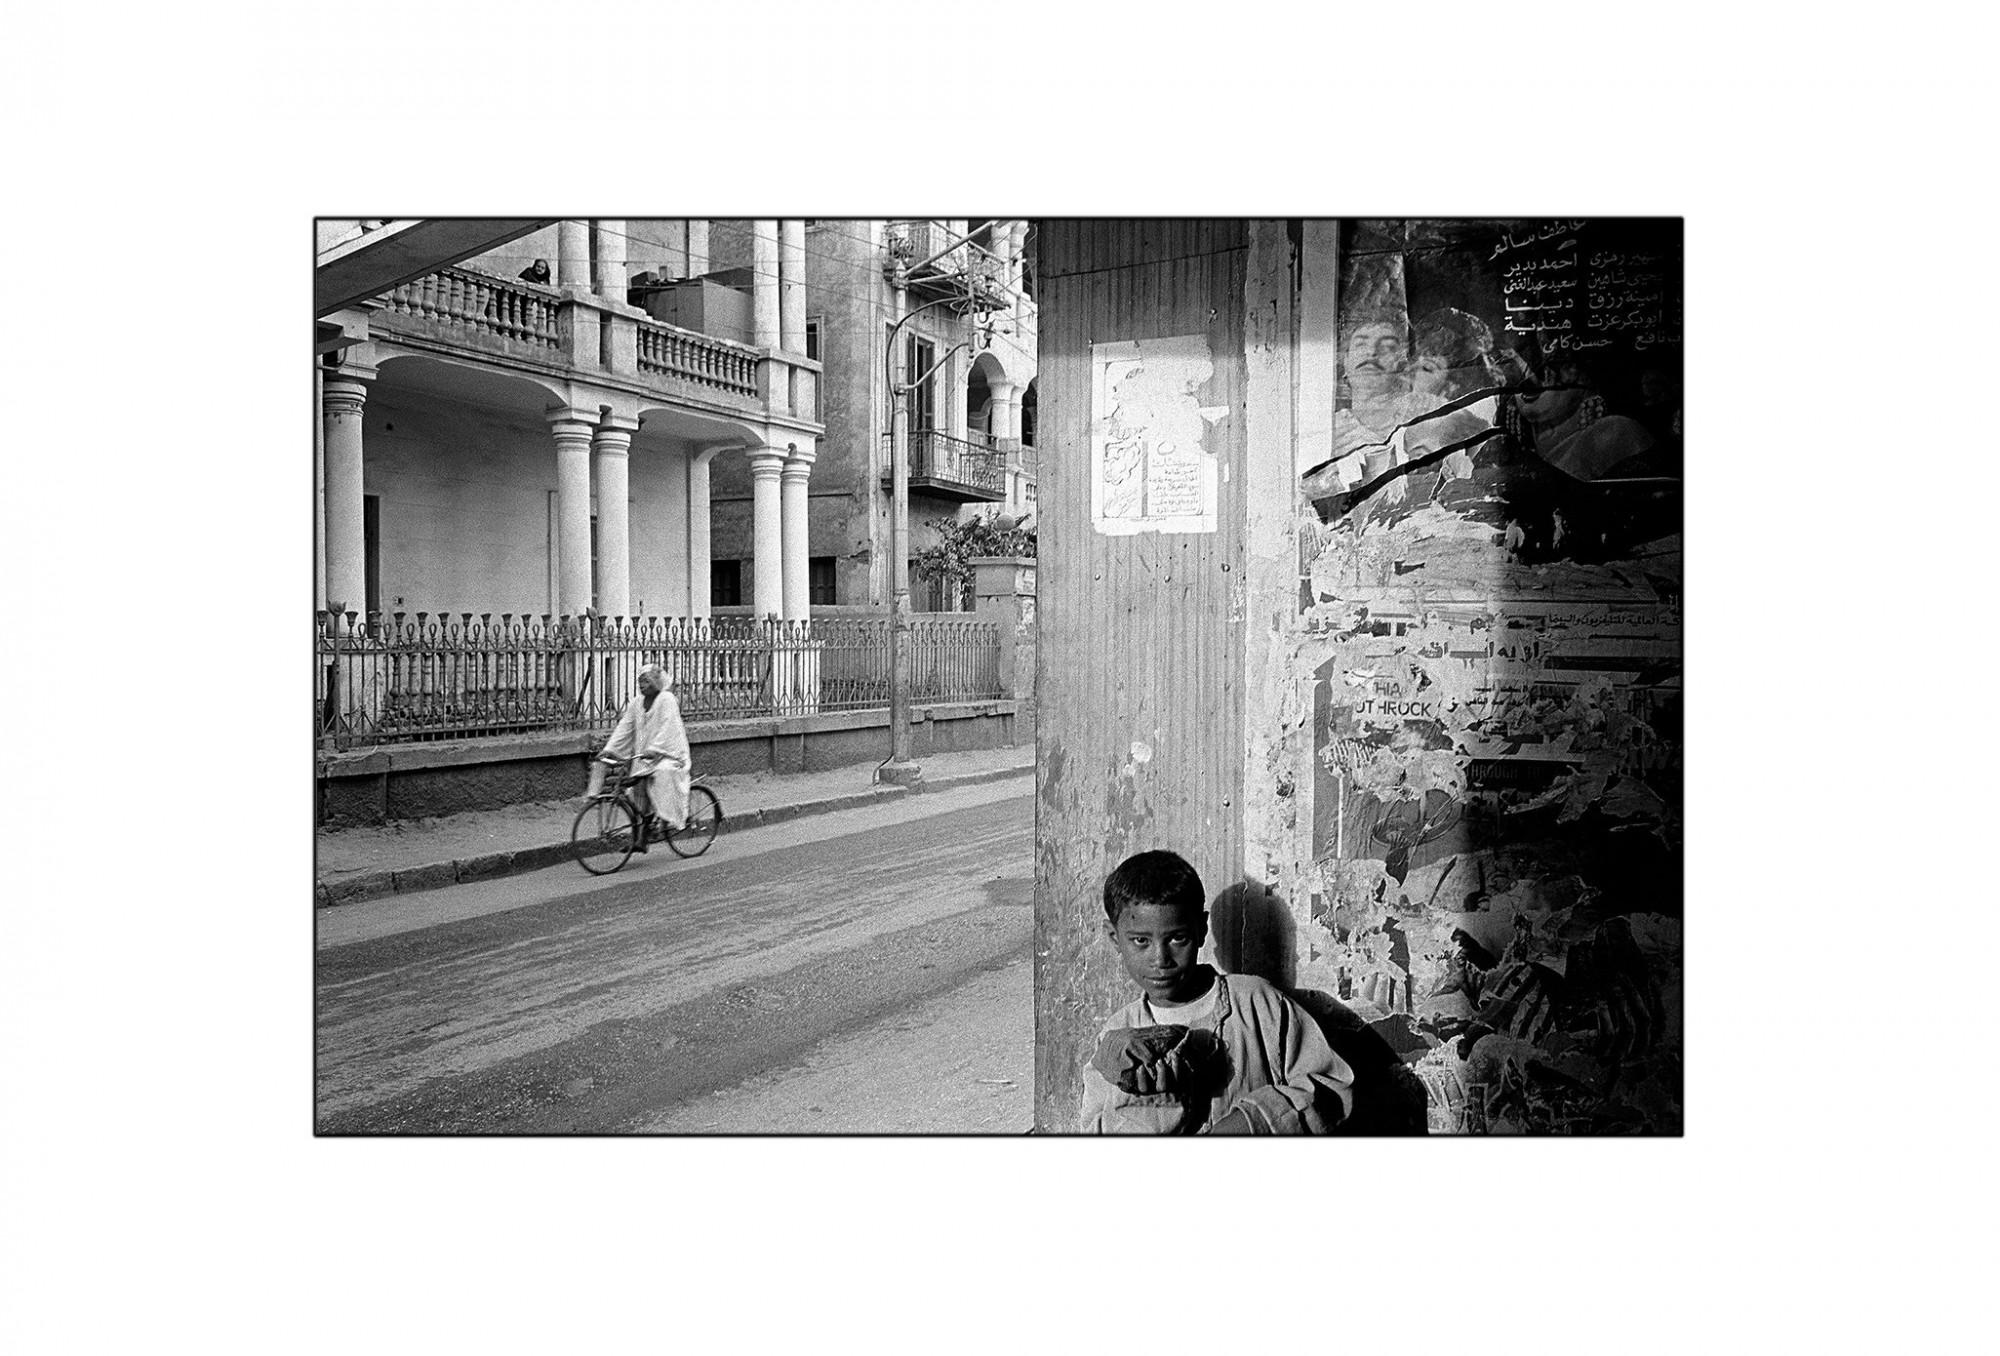 Afbeelding: Fotografie - Art, uit de reeks : De kleur van zwart. Egypte, 93-05-35, © Dominique Van Huffel.